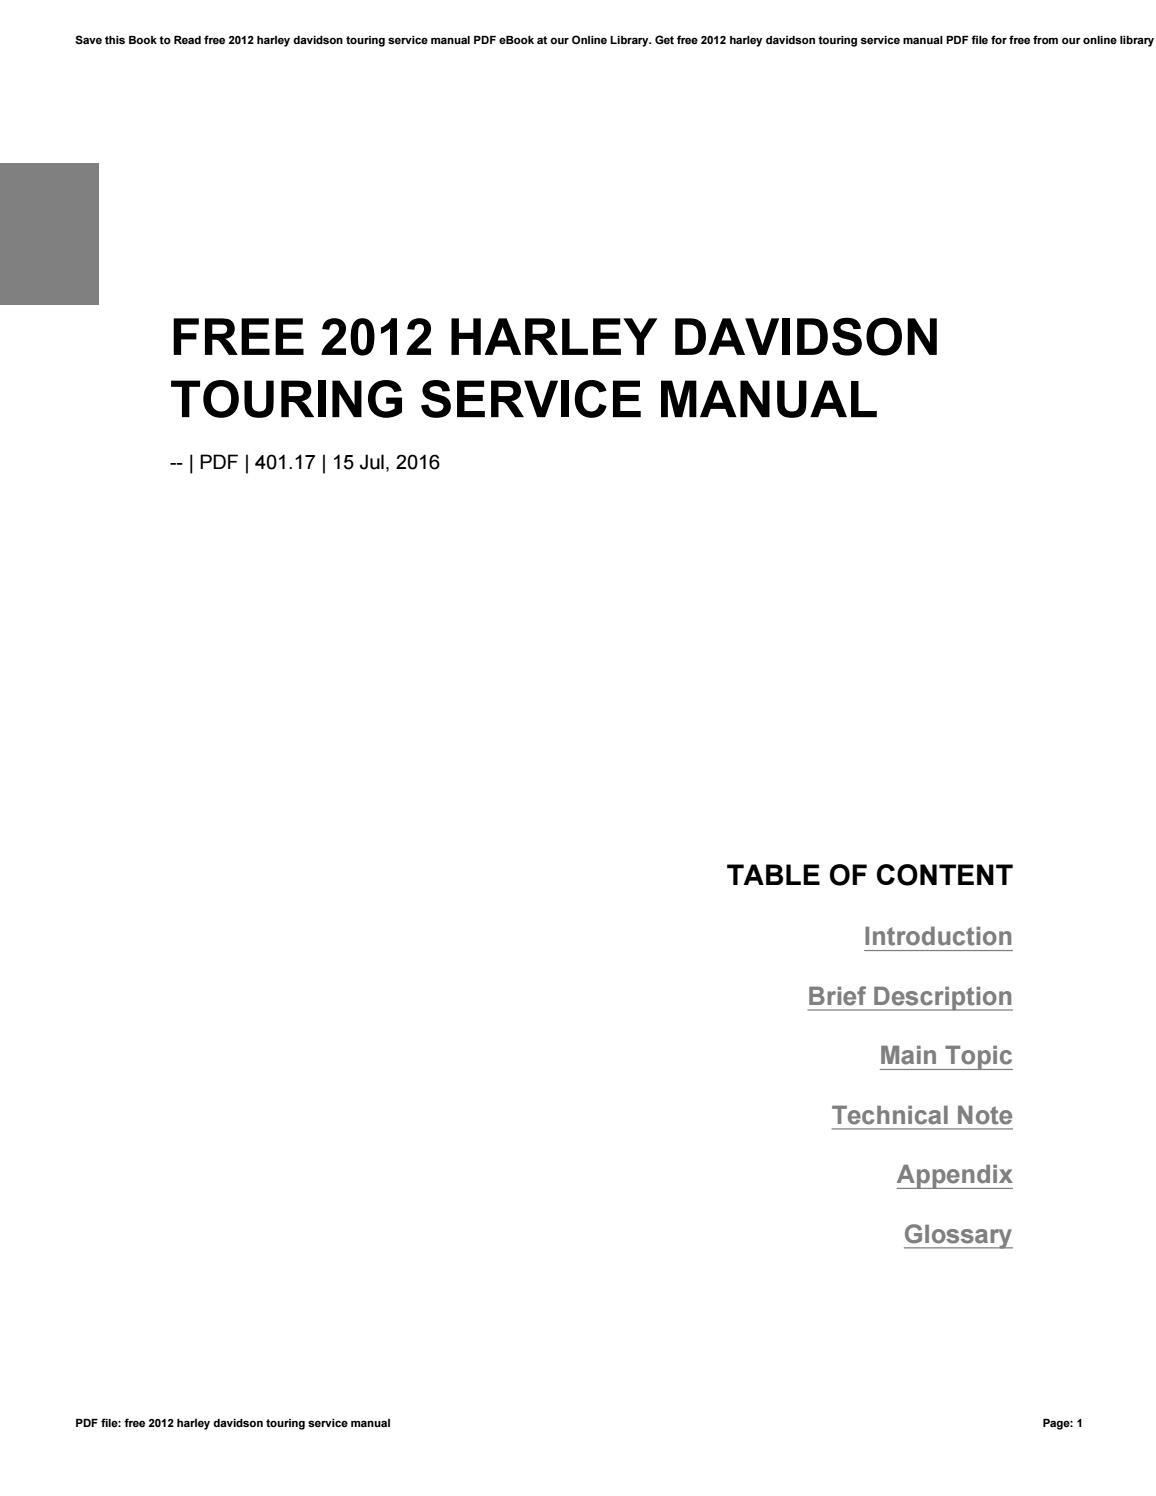 online service manual harley davidson